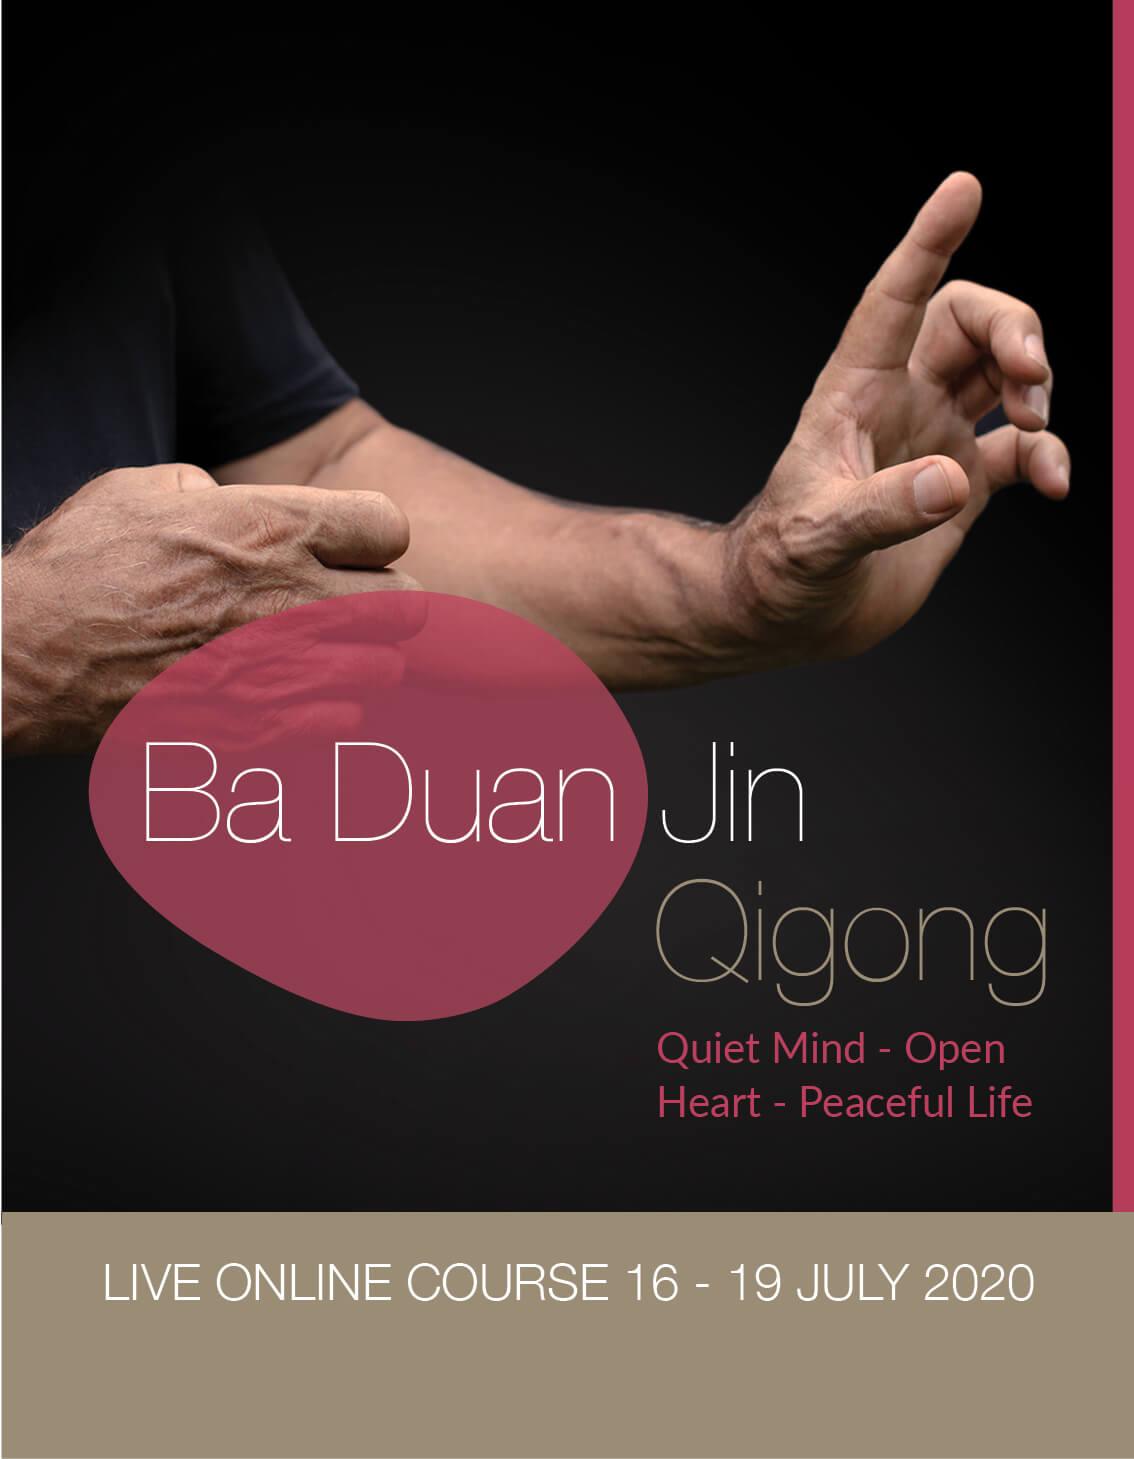 live online ba duan jin qigong training with peter caughey